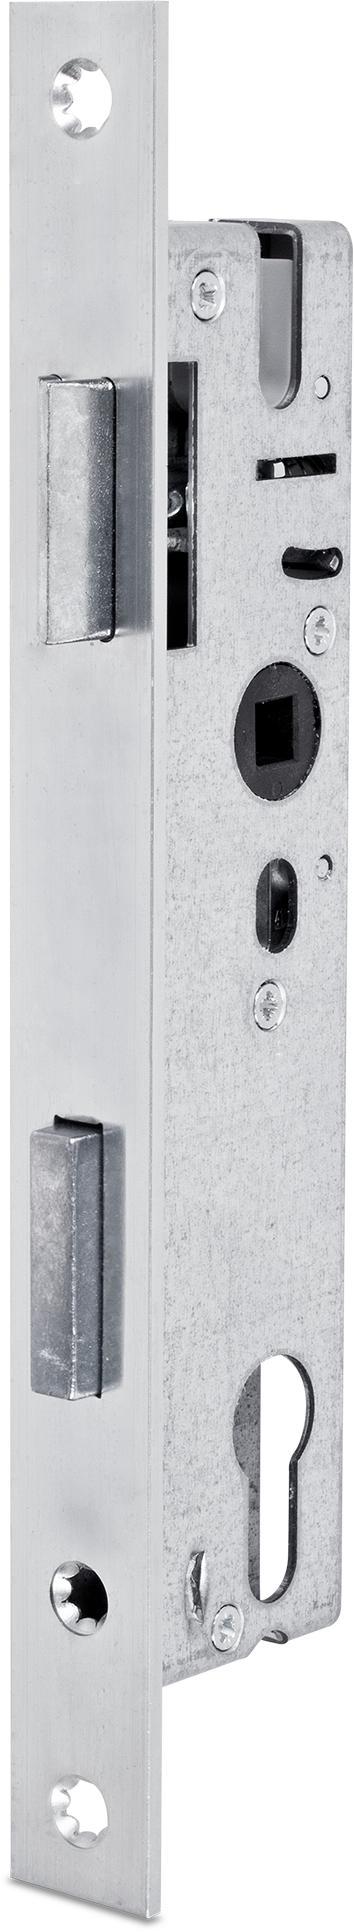 Einsteckschloss mit Wechsel, Dornmaß 20 mm, Entfernung 92 mm, Vierkantnuss 8 mm, Falle und Riegel 5 mm vorstehend, DIN rechts / links verwendbar